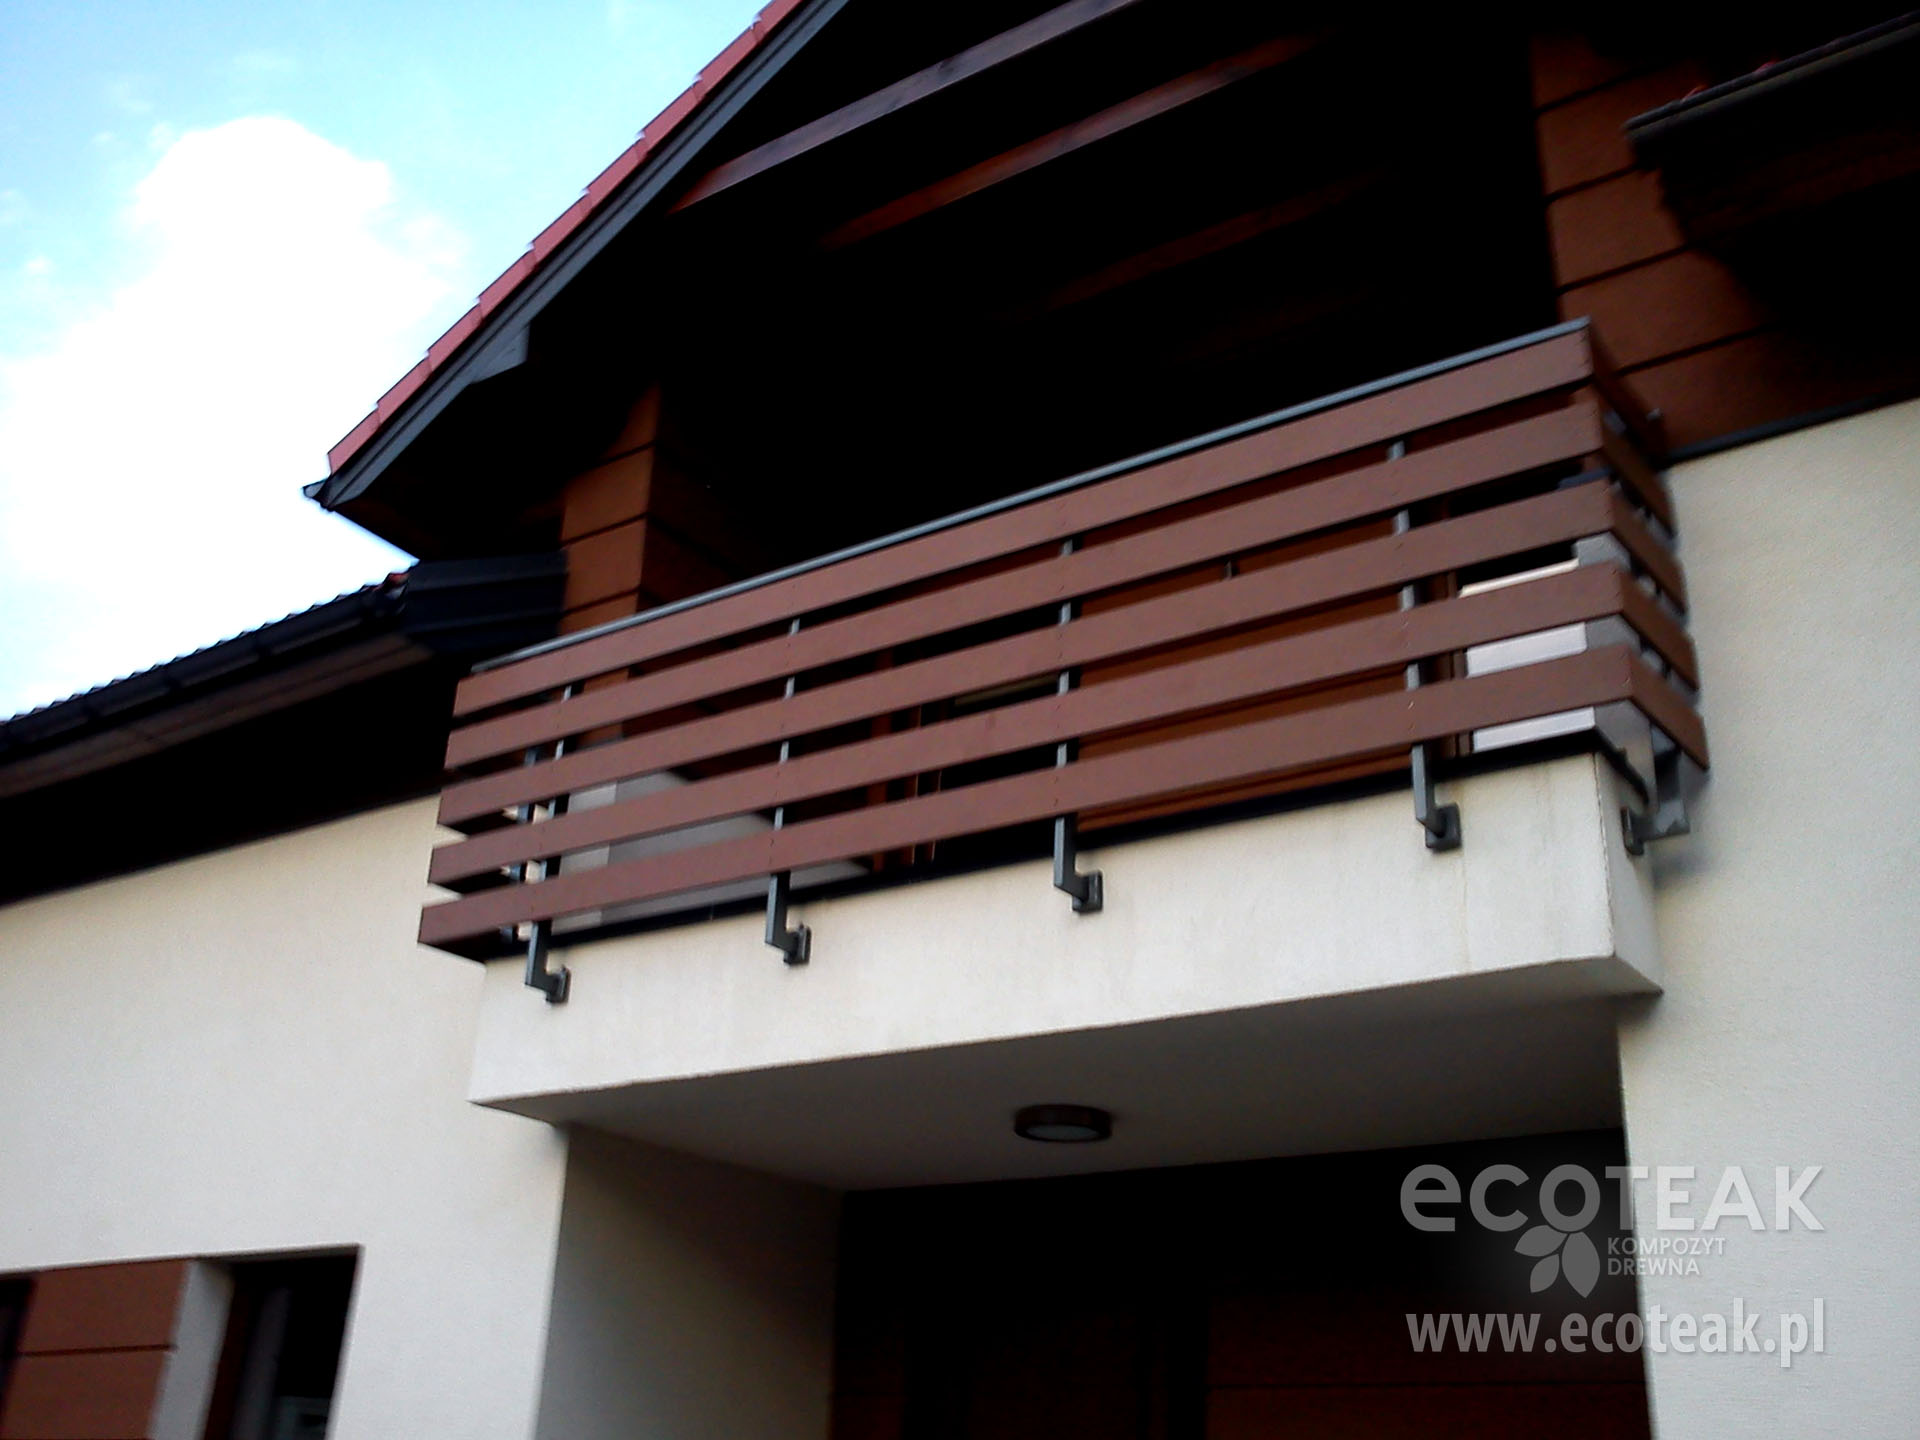 Balustrada z kompozytów drewna EcoTeak